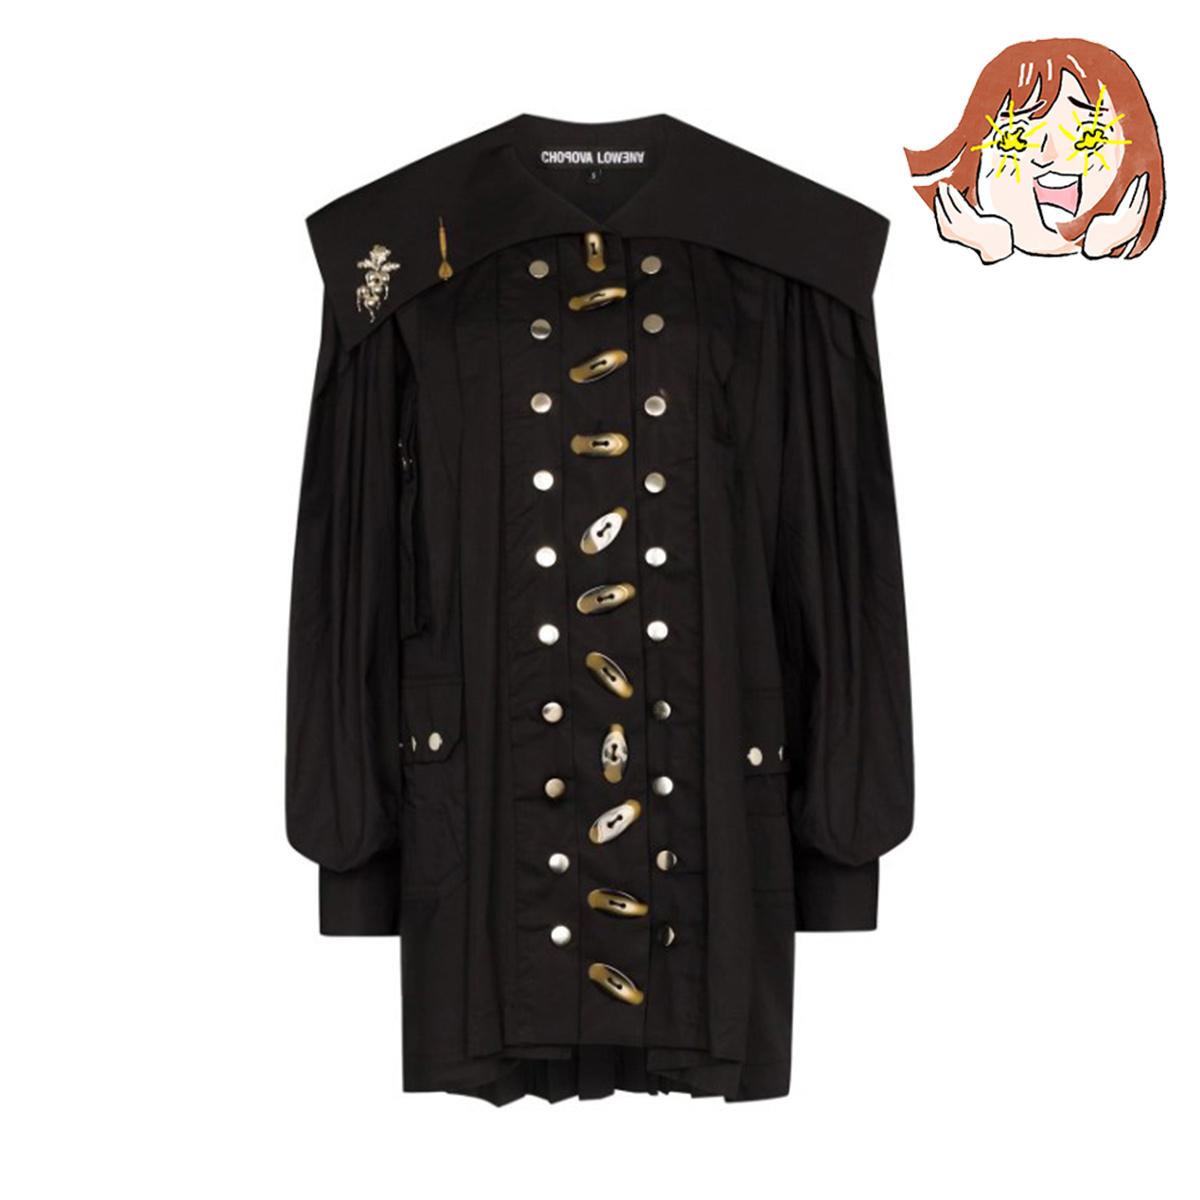 チョポヴァ・ロウェナのドレス by スタイリストY